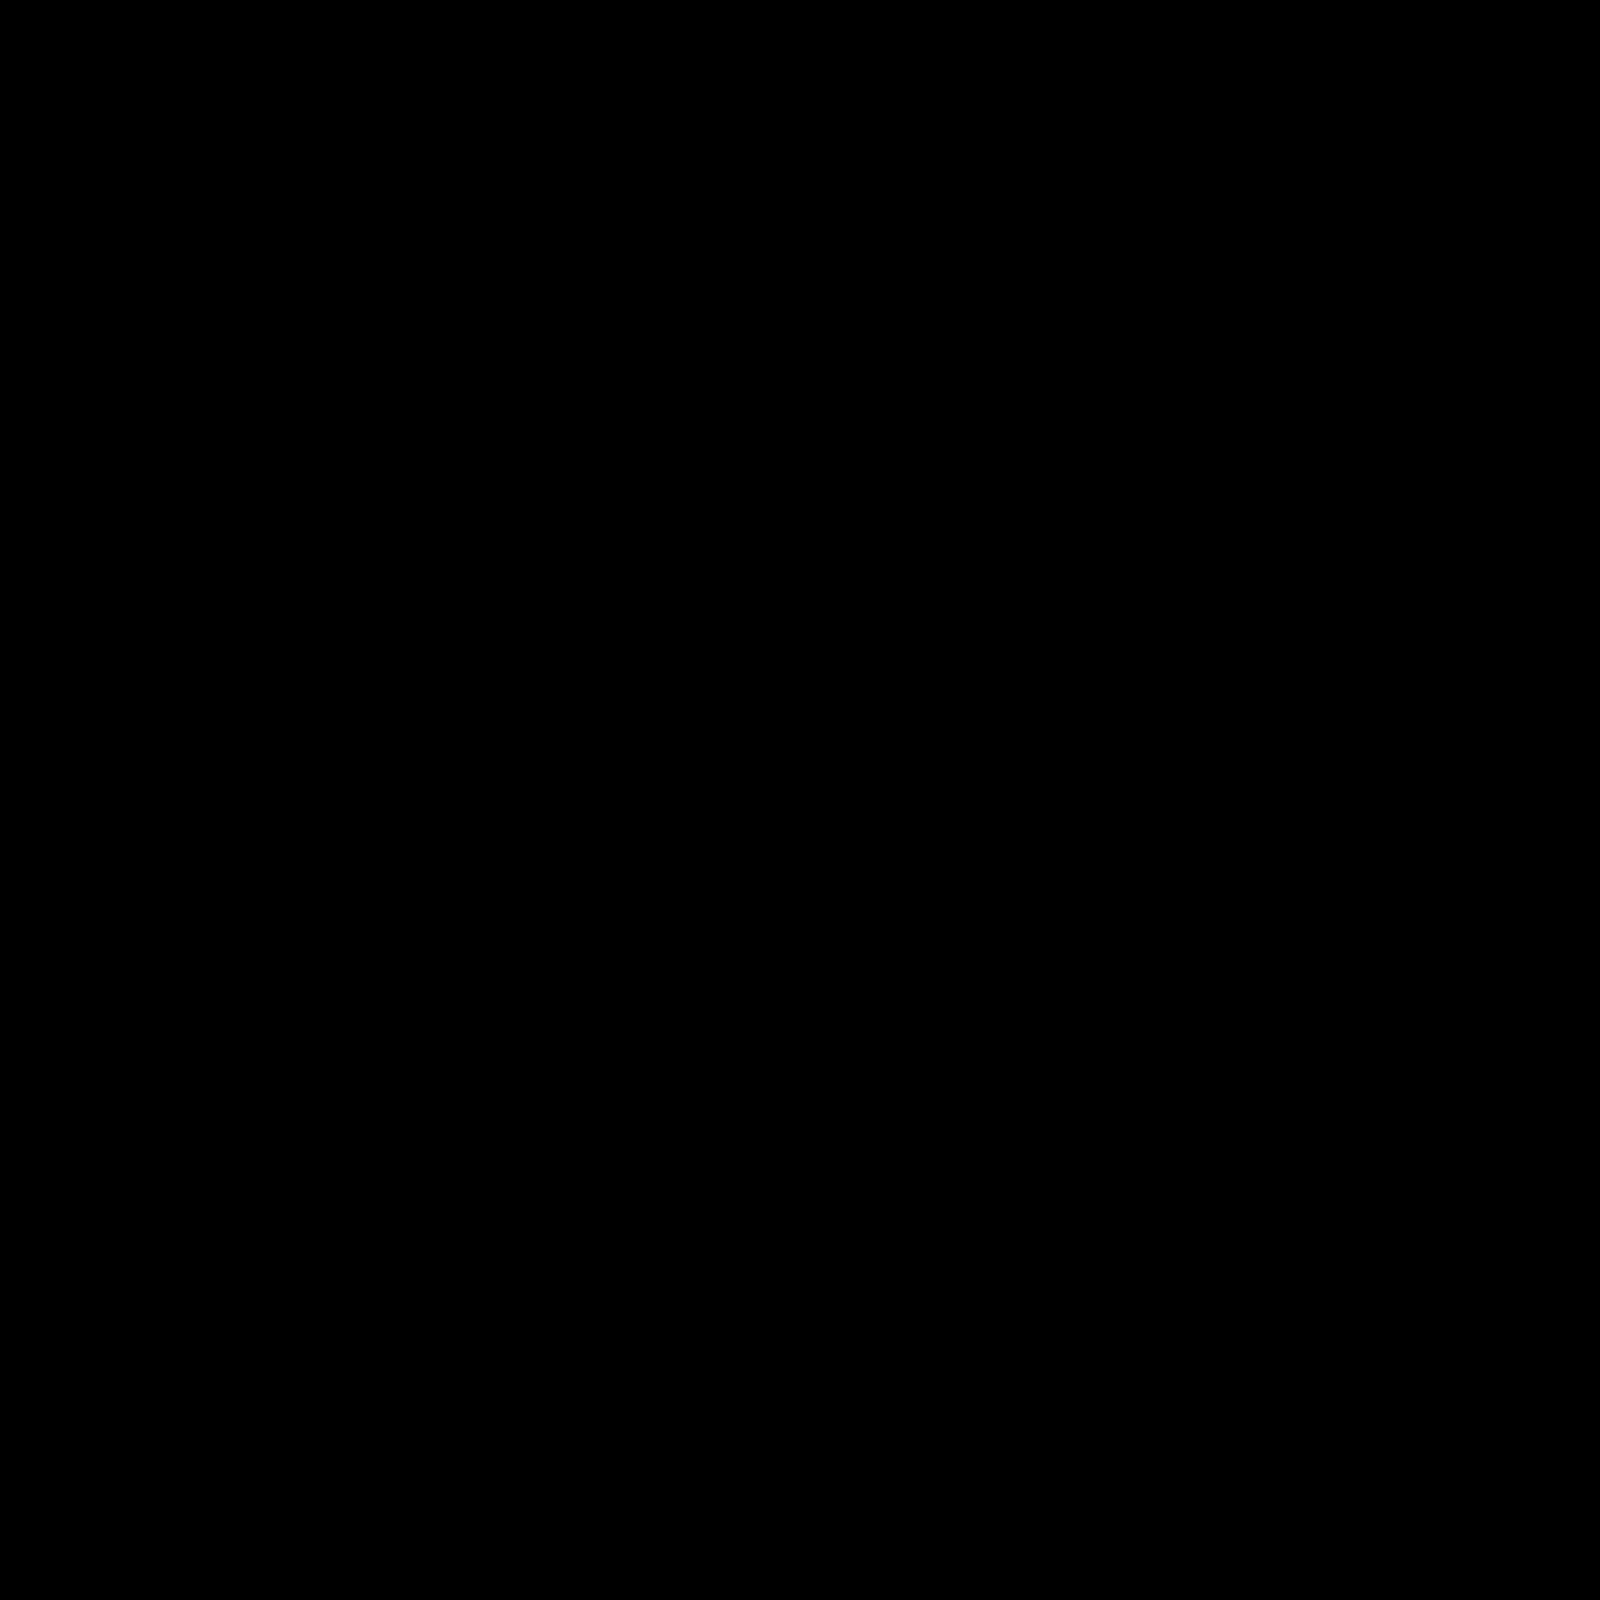 シャッフル icon. It's a very common symbol used to symbolize when you want to shuffle through a few items. It has two arrows which start at both the bottom and top, interwine in the middle and then end at the opposite place (top/bottom). Both arrows point to the right.